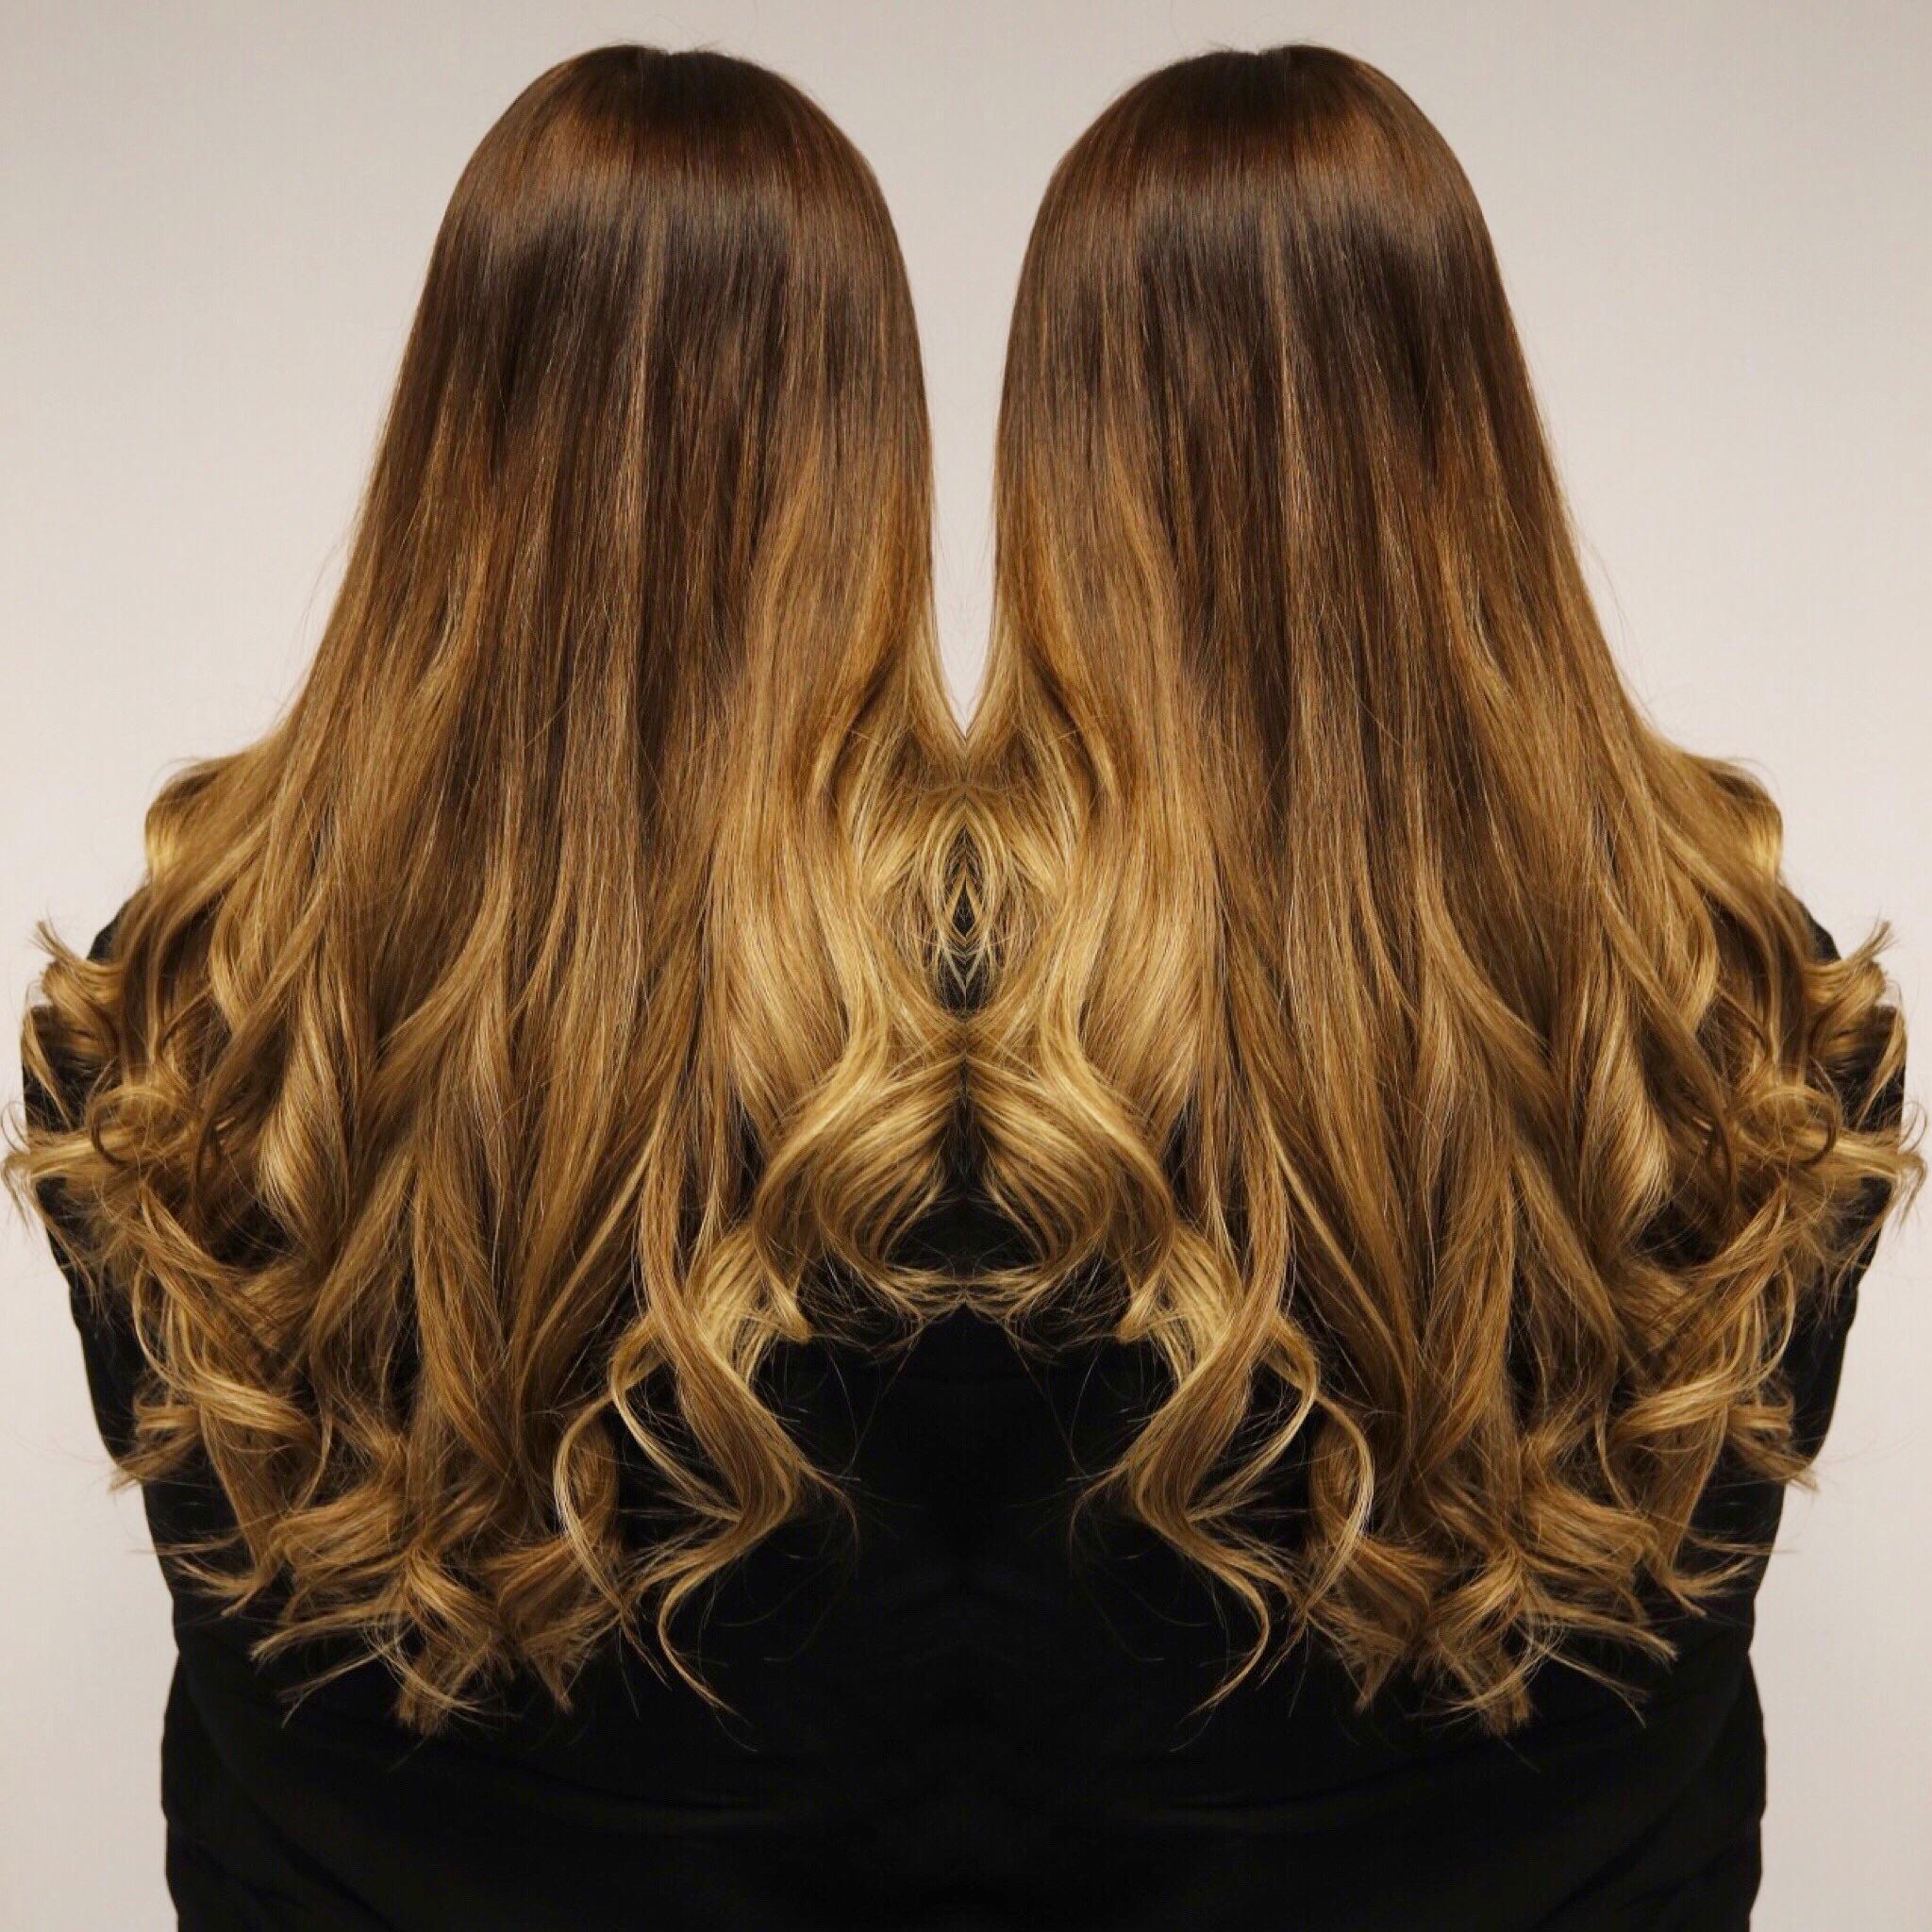 Hårförlängning med SoCap tejp, samarbete, Petras Hårstudio, amandahans, skönhetsblogg, skönhetsbloggare,  längre hår, tejpförlägning, hårförlängning tejp, hår extensions, hairextensions